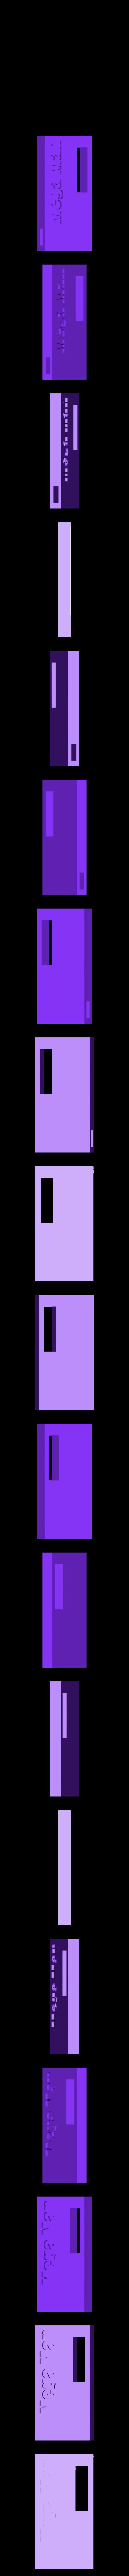 MegaManDock.stl Télécharger fichier STL gratuit Amoureux 8 bits • Modèle pour impression 3D, DelhiCucumber